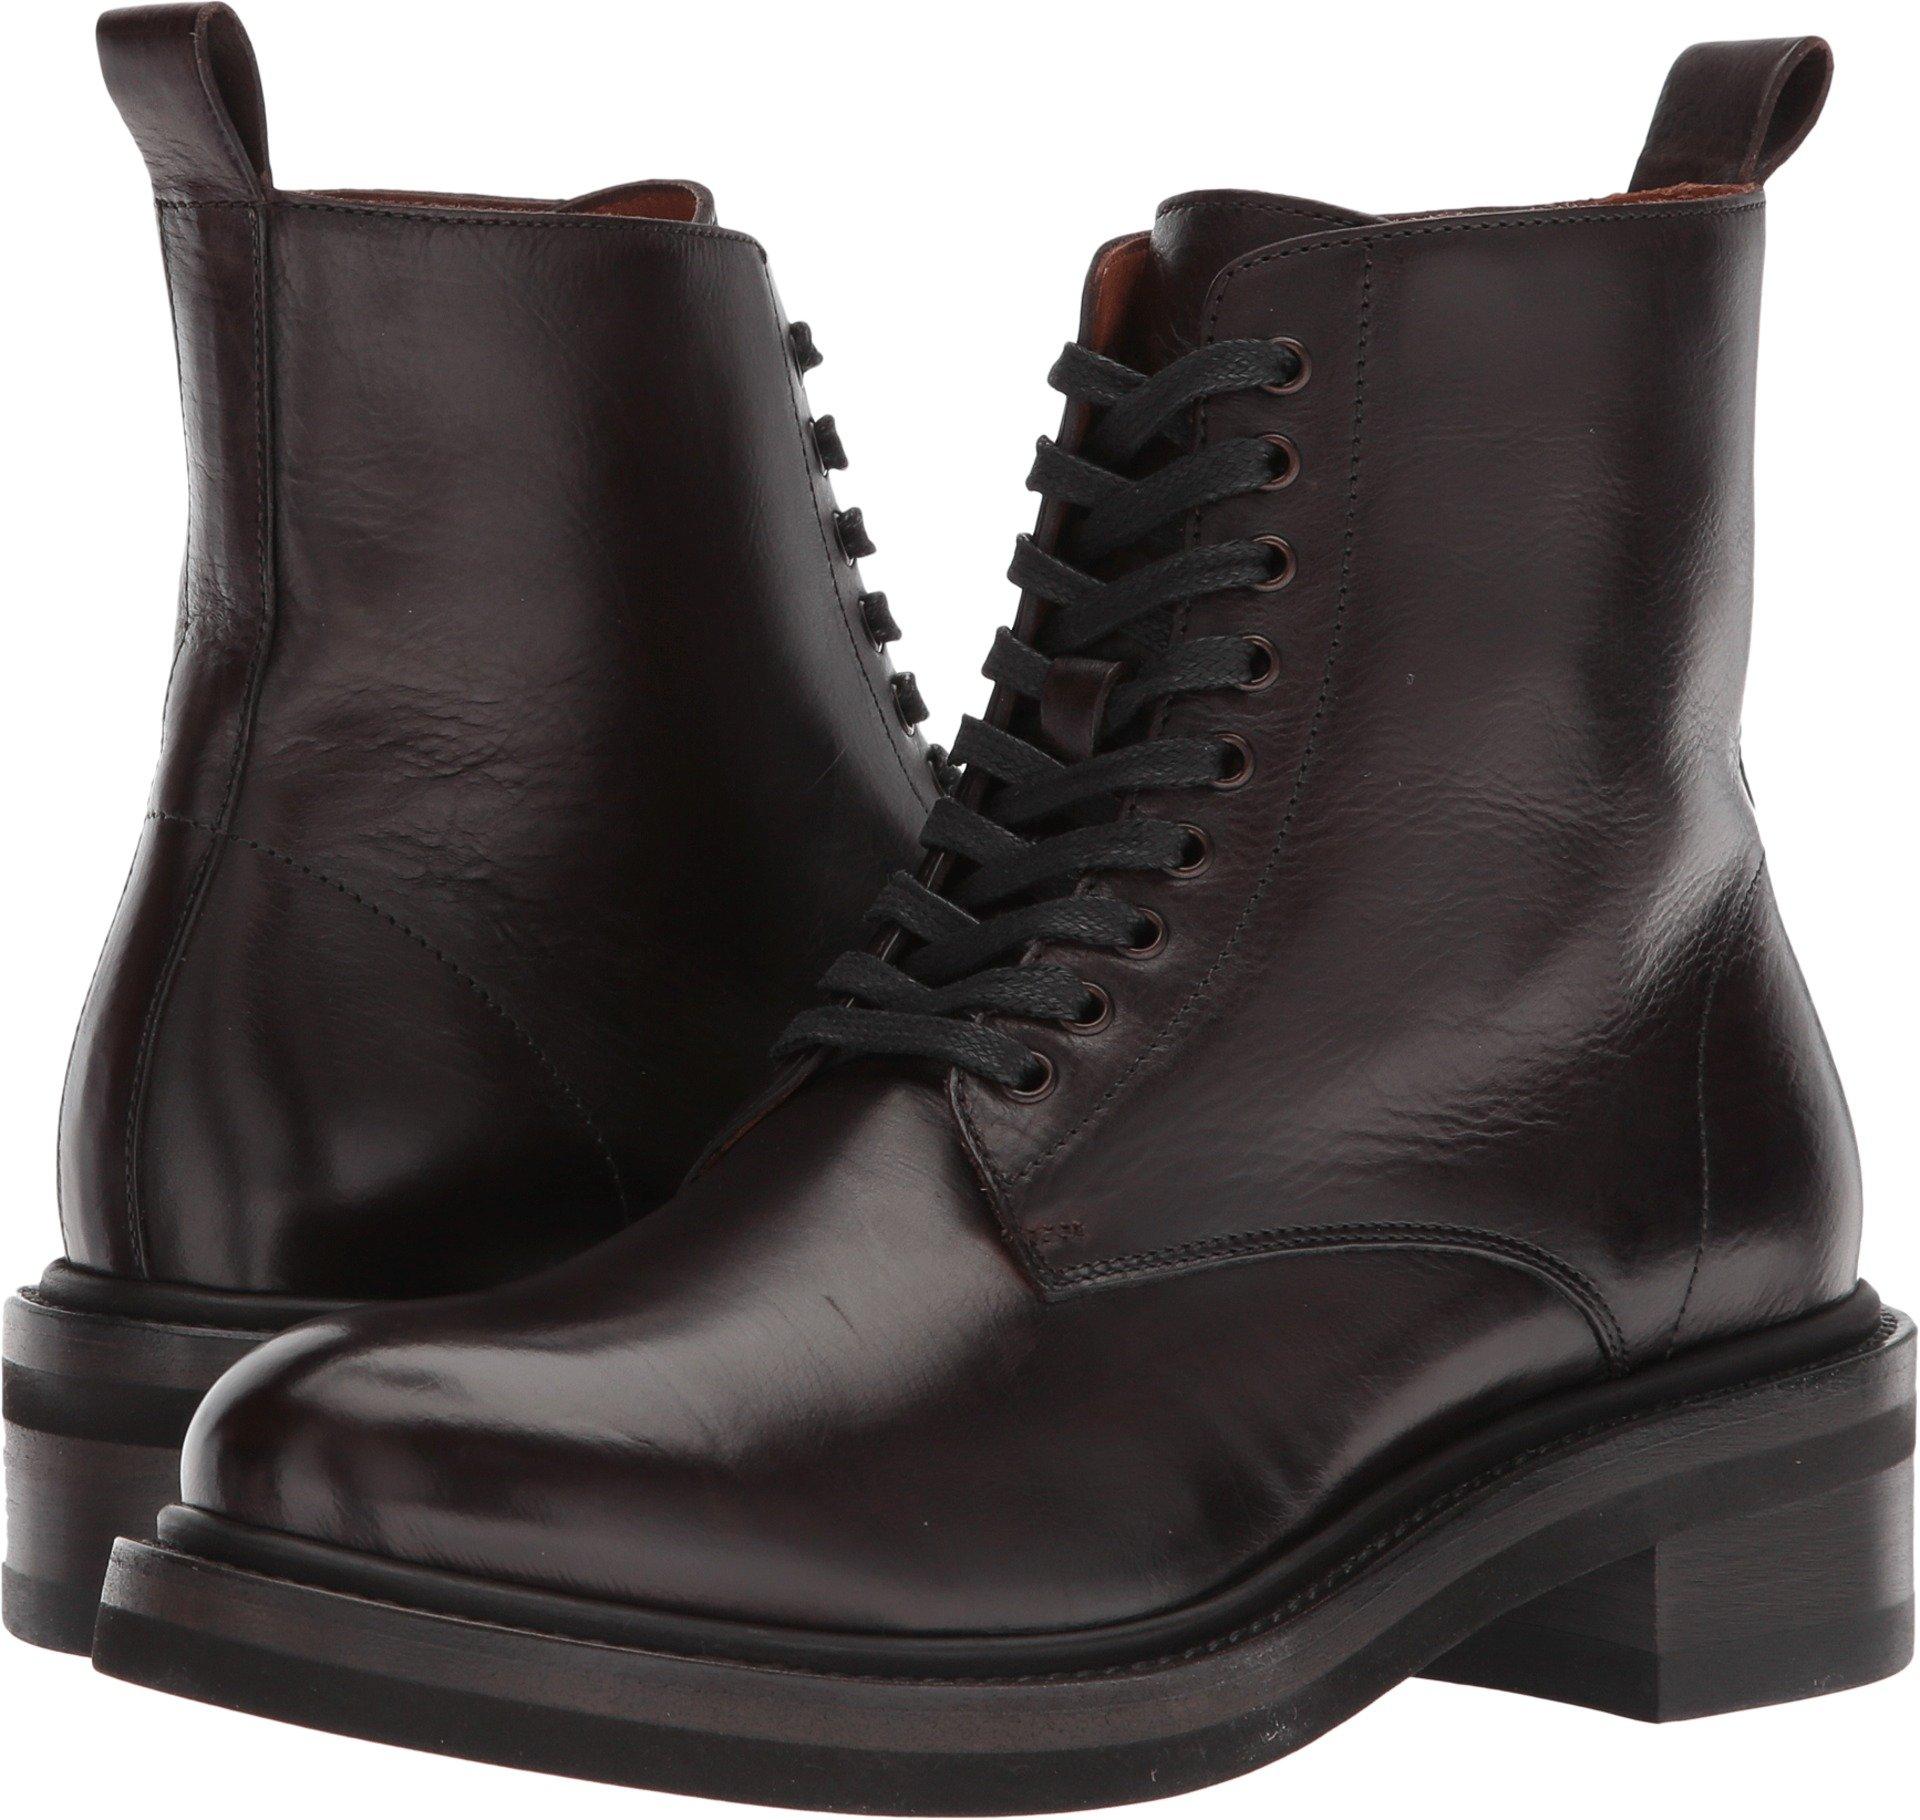 FRYE 3478590 Women's Alice Combat Boot, Dark Brown - 10M